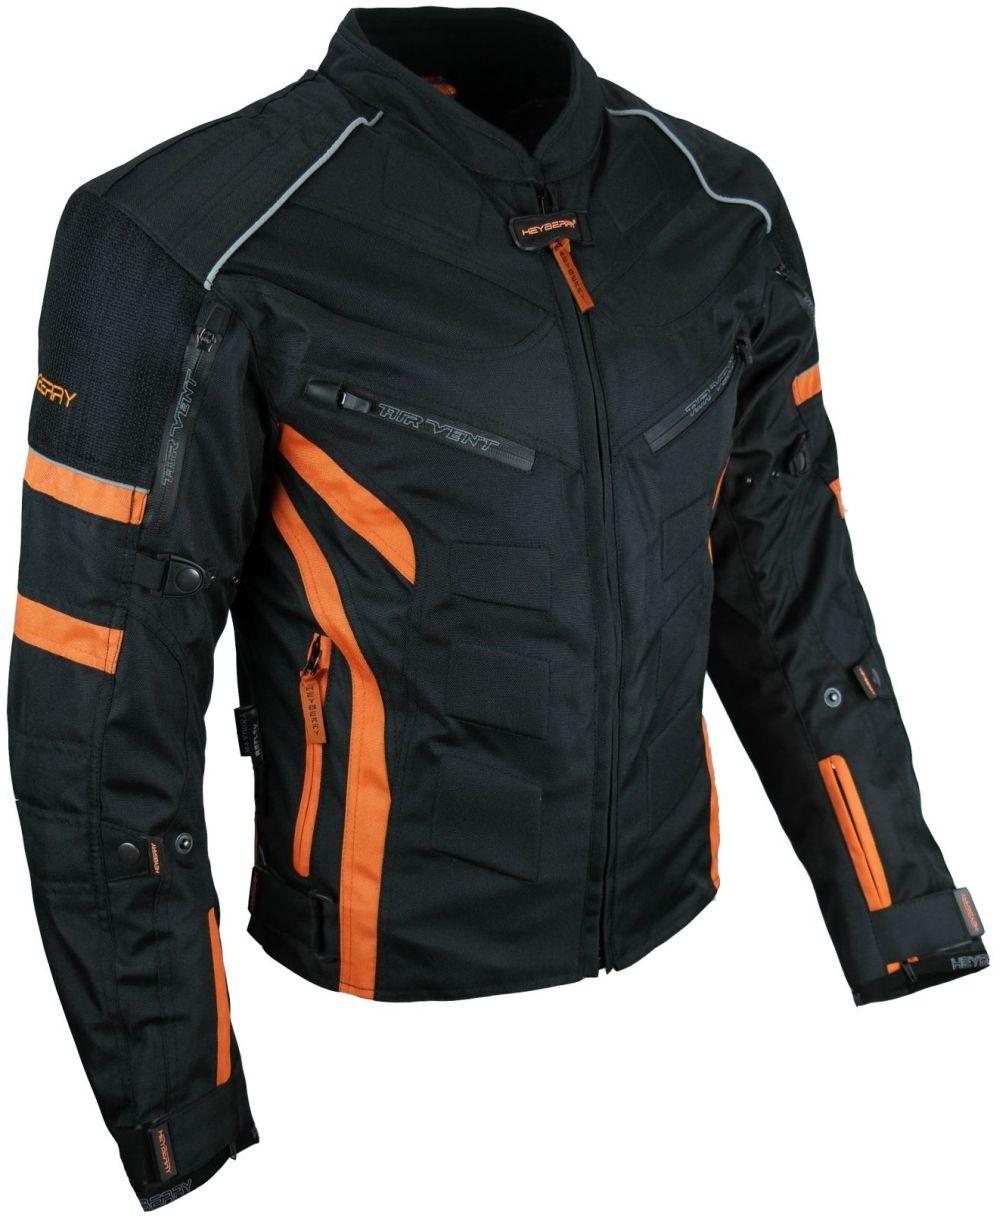 Kurze Textil Motorrad Jacke Motorradjacke Schwarz Orange Gr. M - 3XL